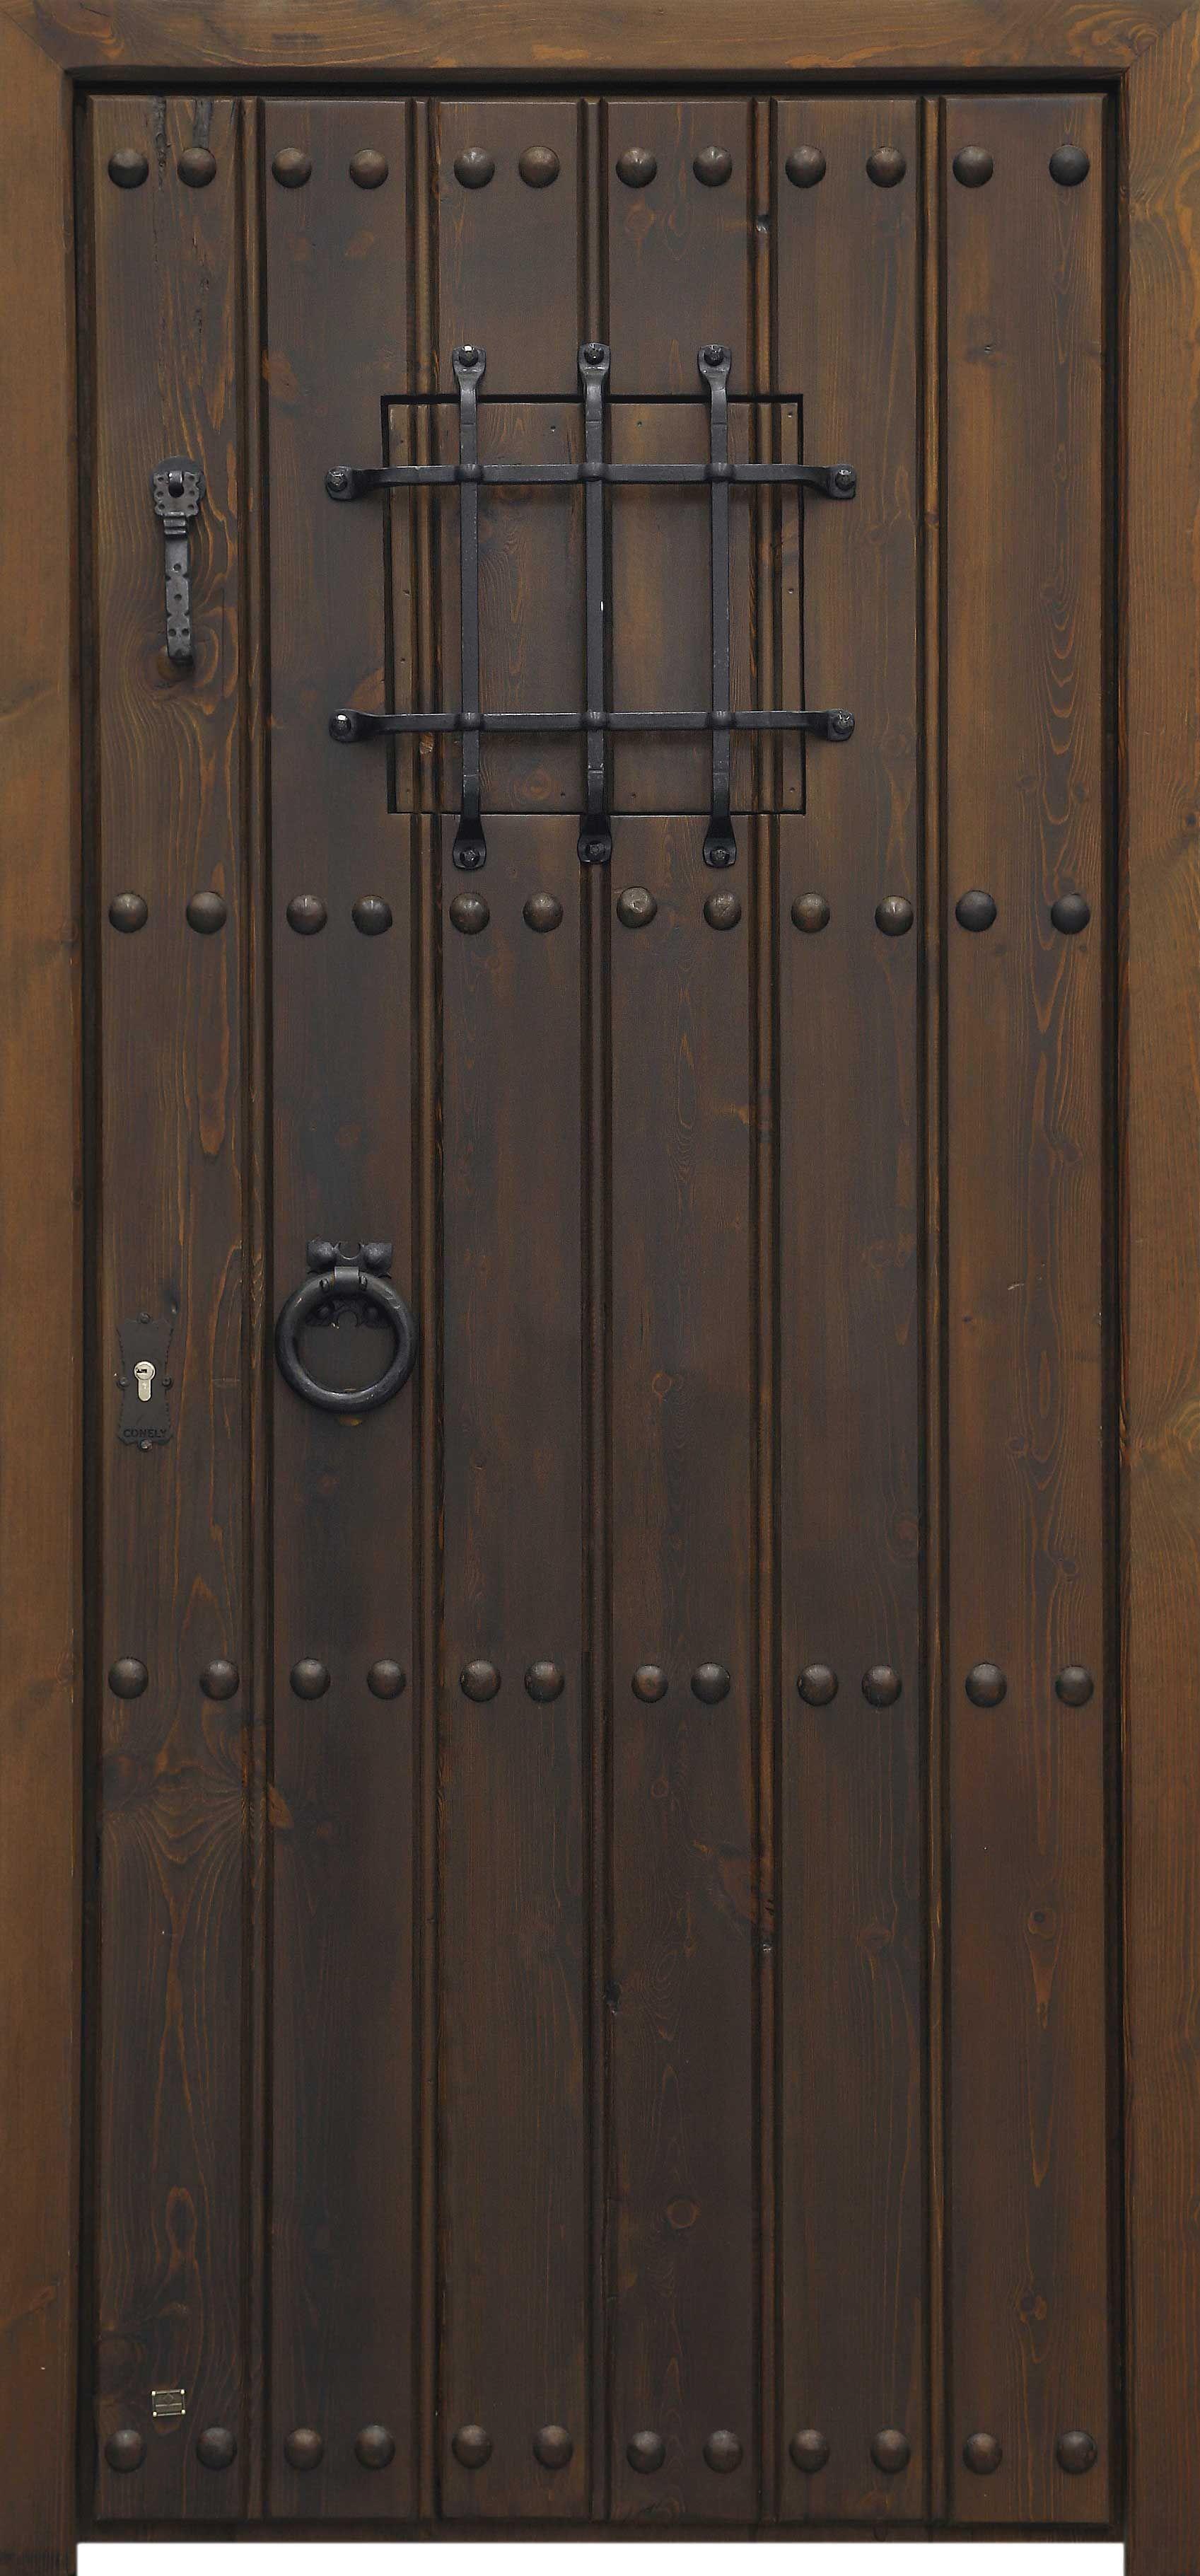 Cartuja puertas de madera r stico y artesanal for Puertas principales de madera rusticas